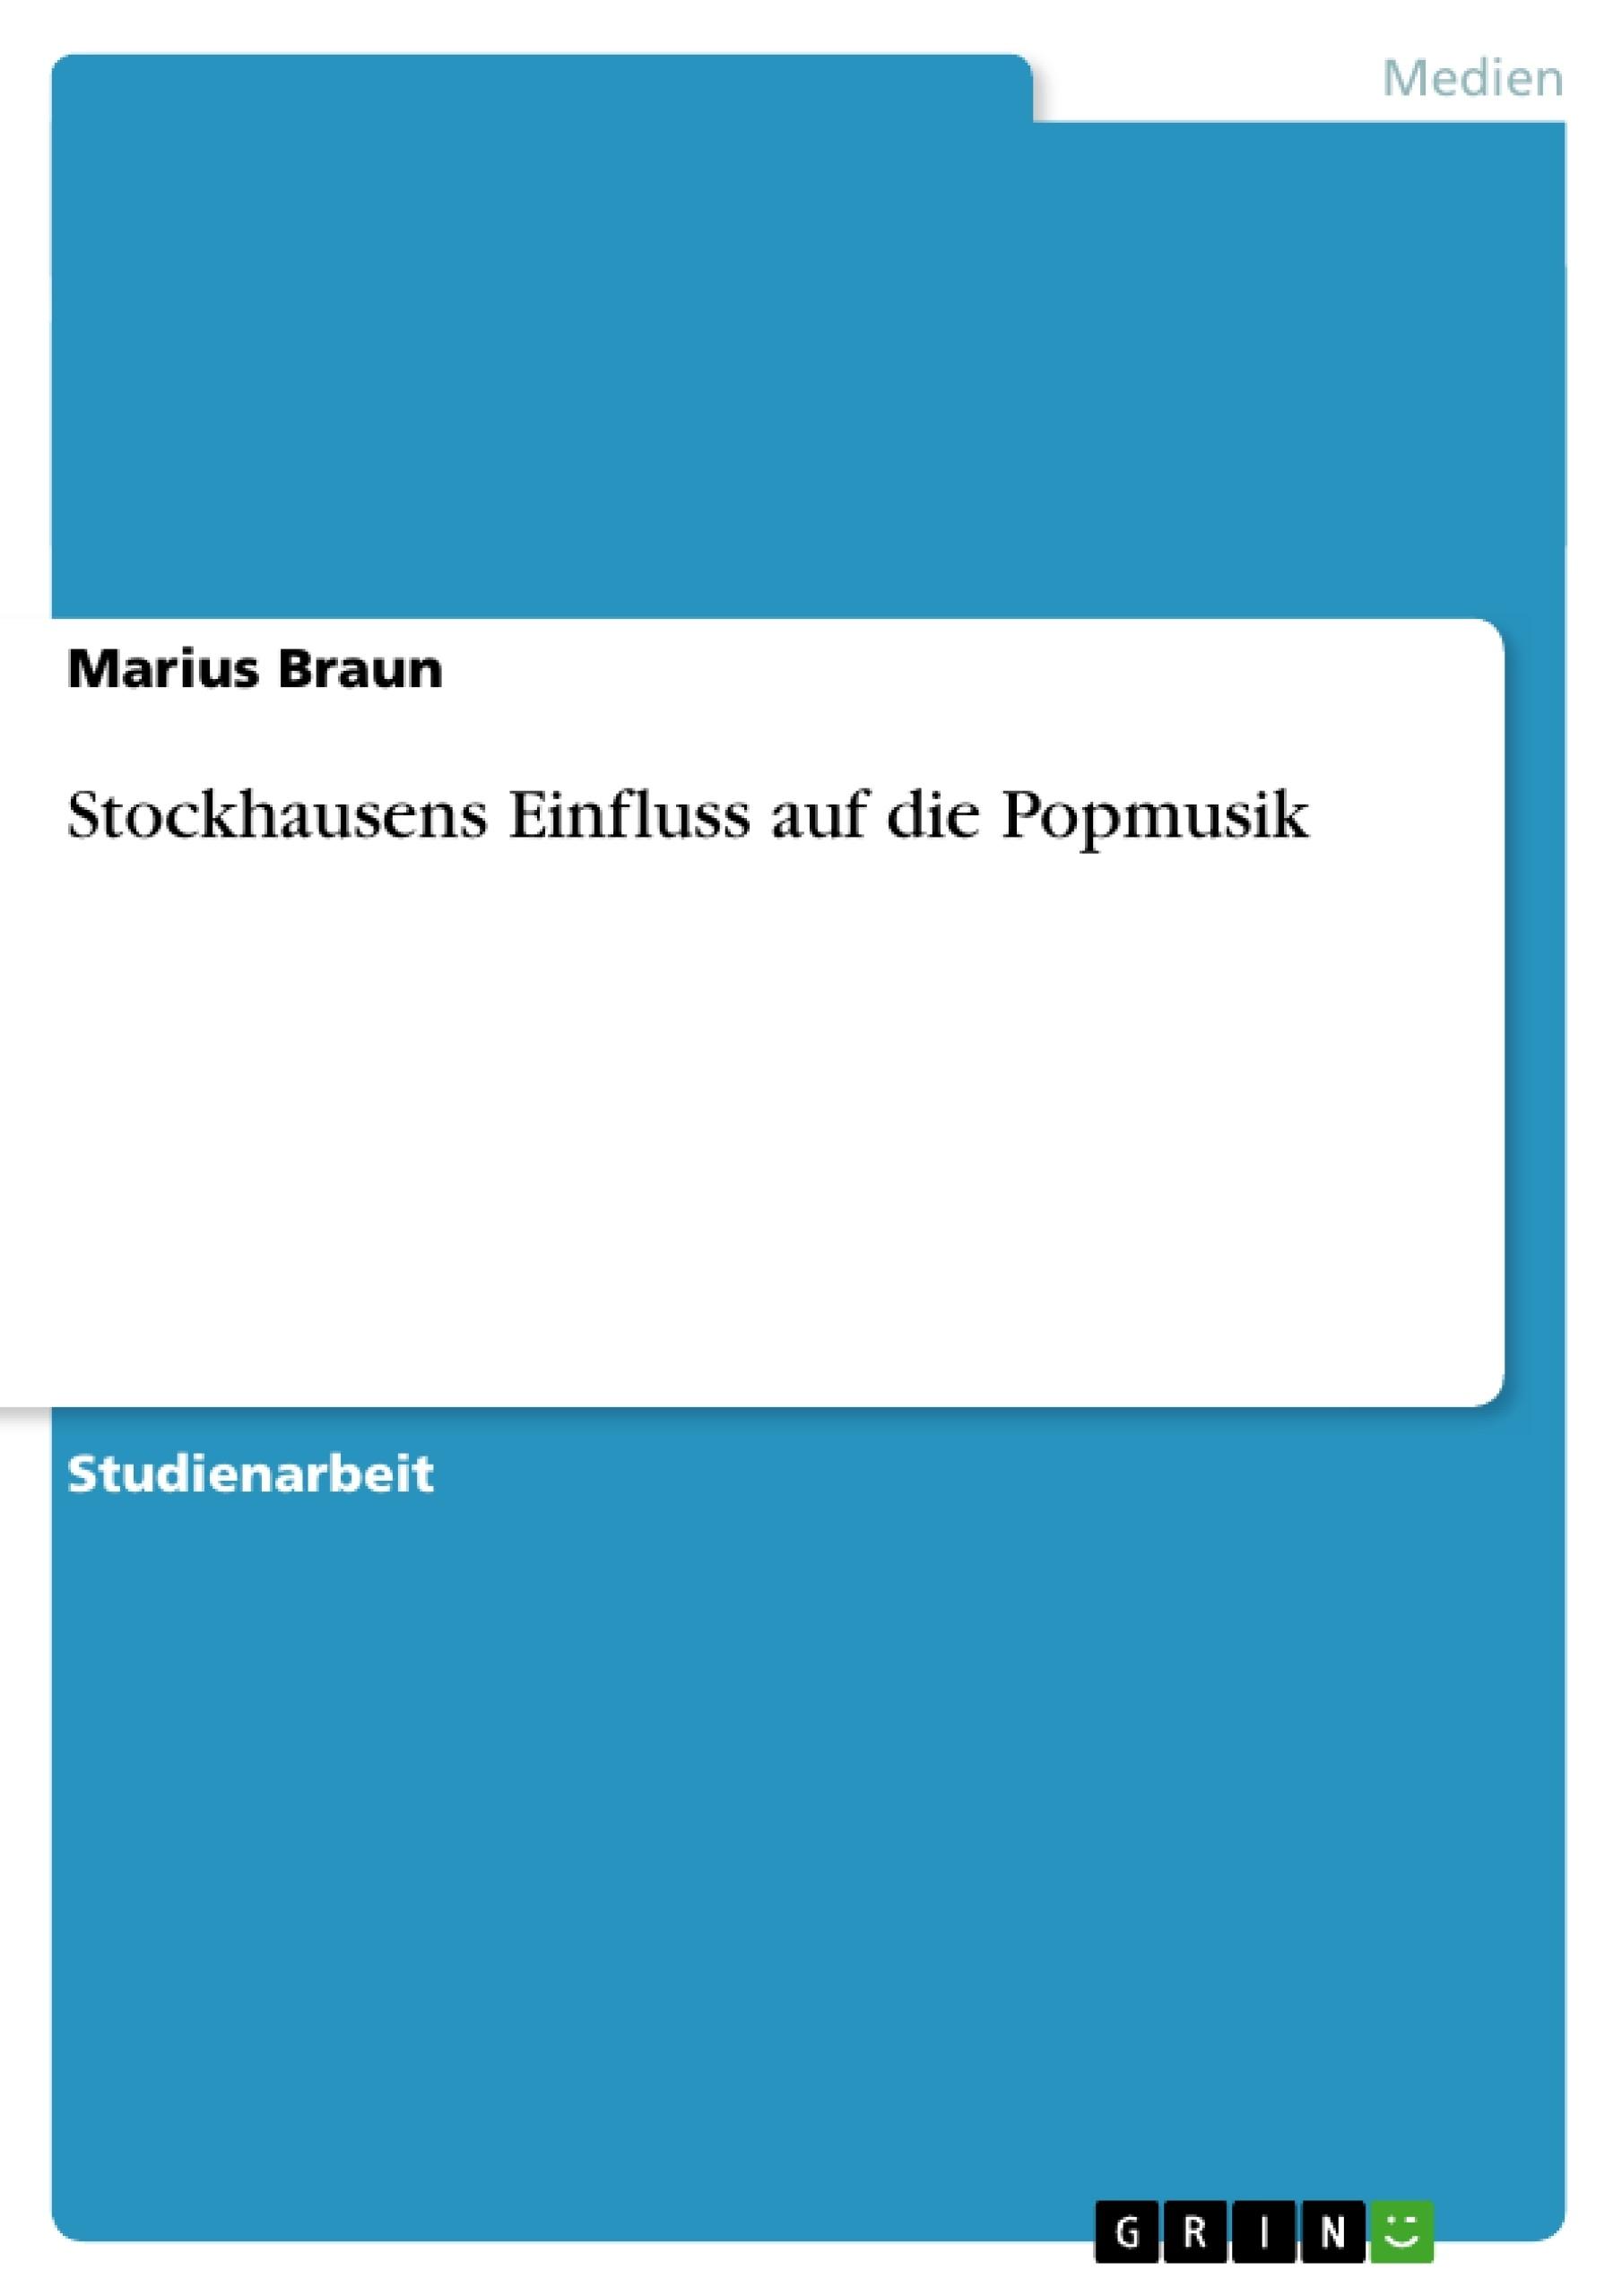 Titel: Stockhausens Einfluss auf die Popmusik